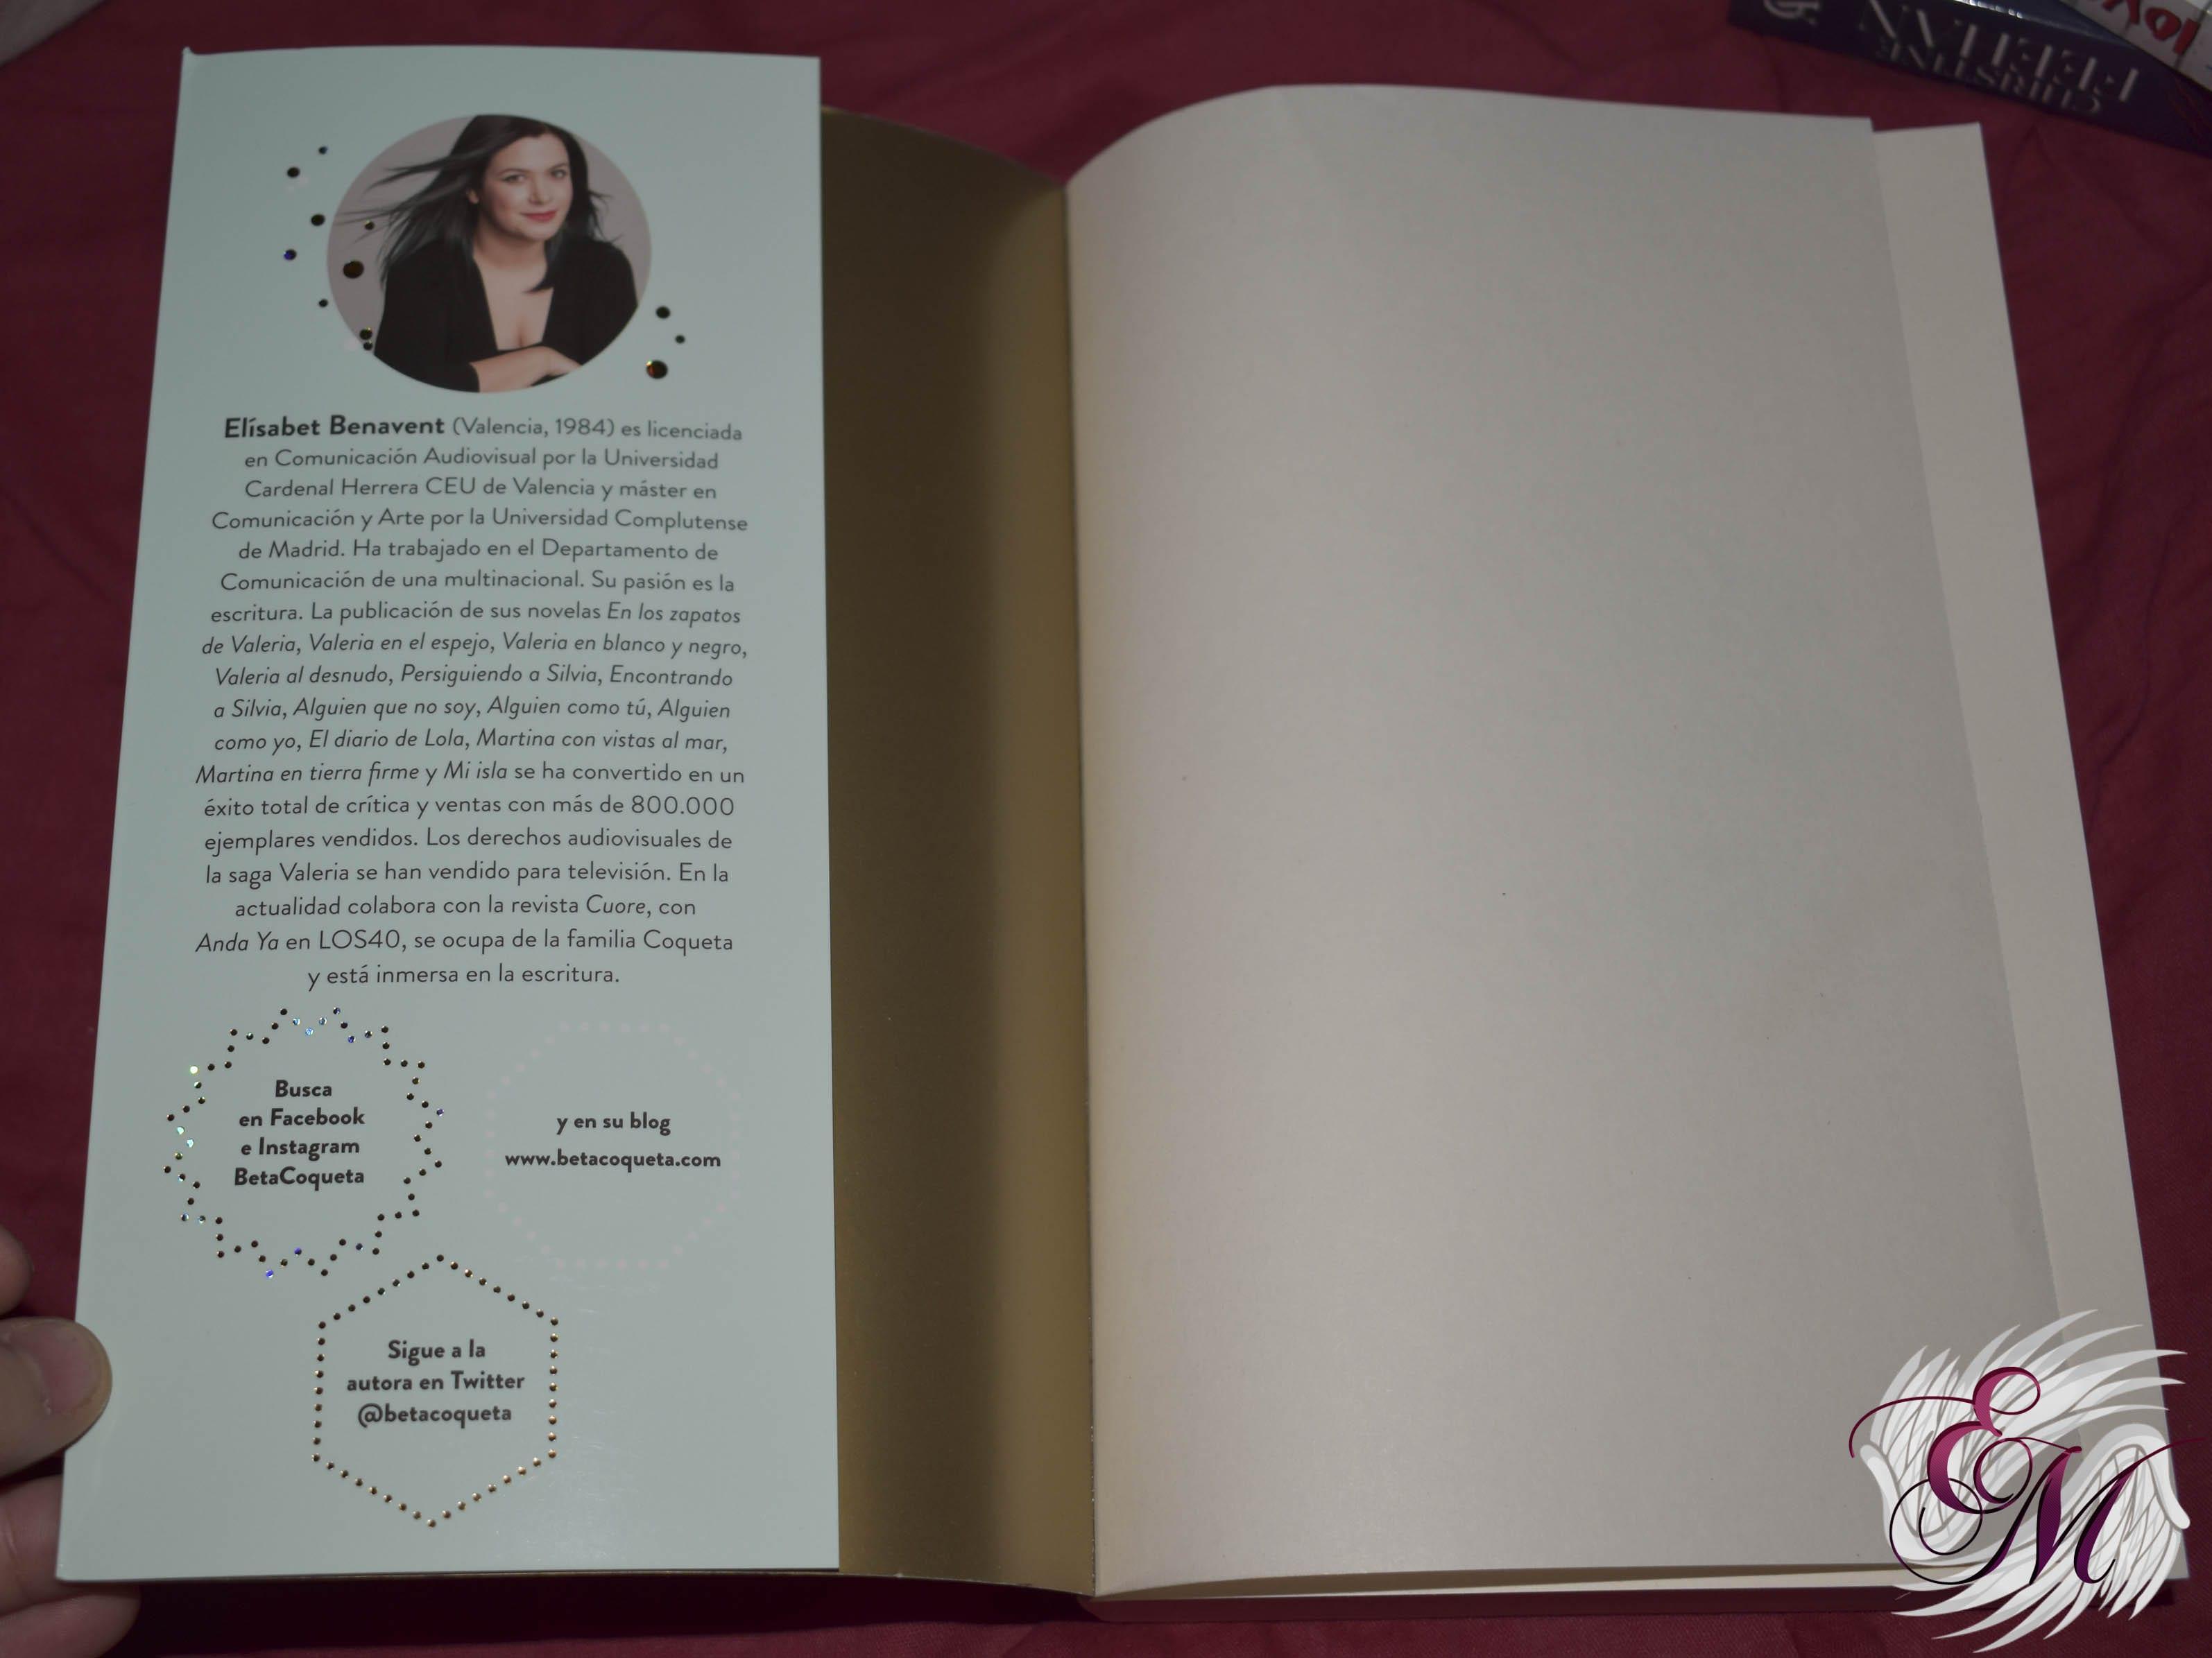 La magia de ser Sofía, de Elísabet Benavent - Reseña